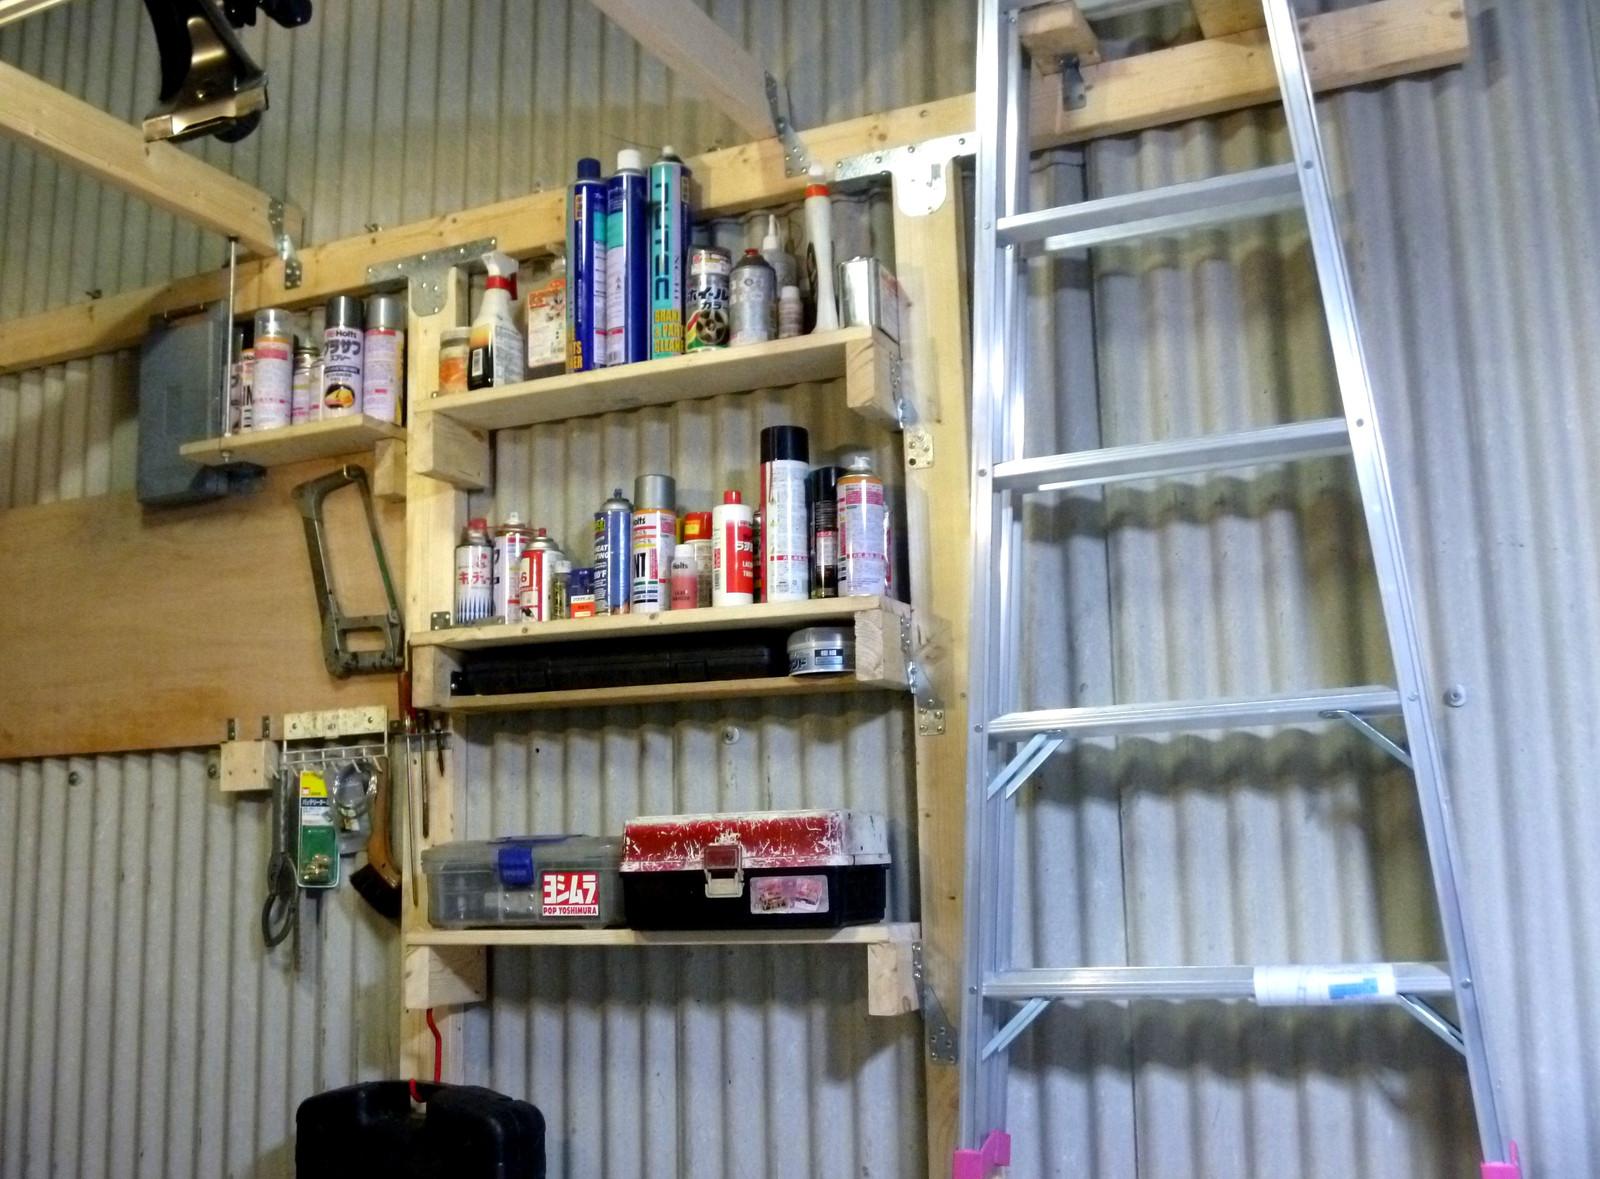 Garagewall2